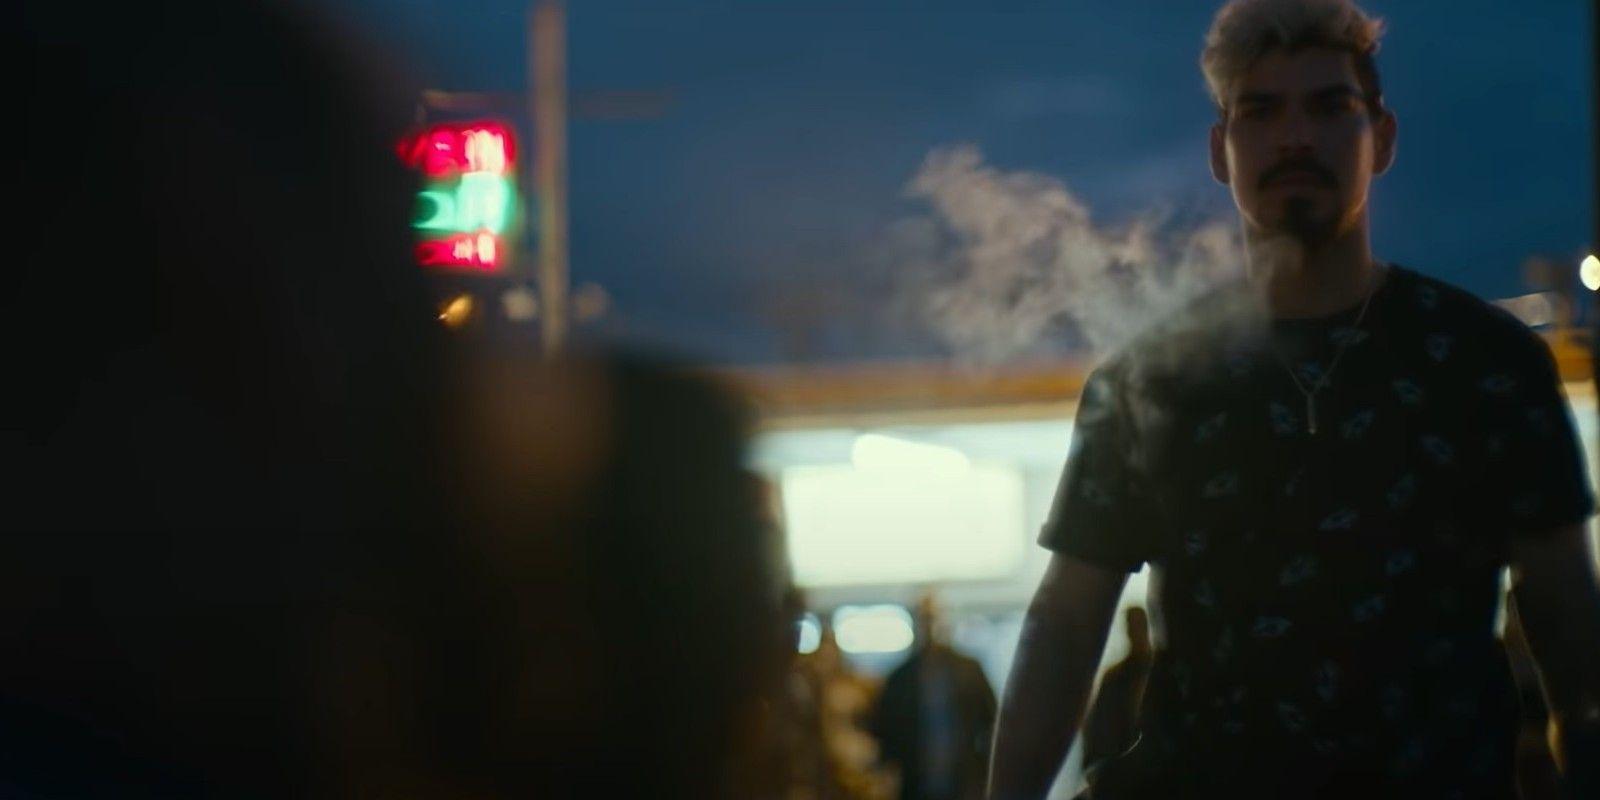 Análise do trailer Army of the Dead: Invasão em Las Vegas: 31 revelações e segredos da história 8